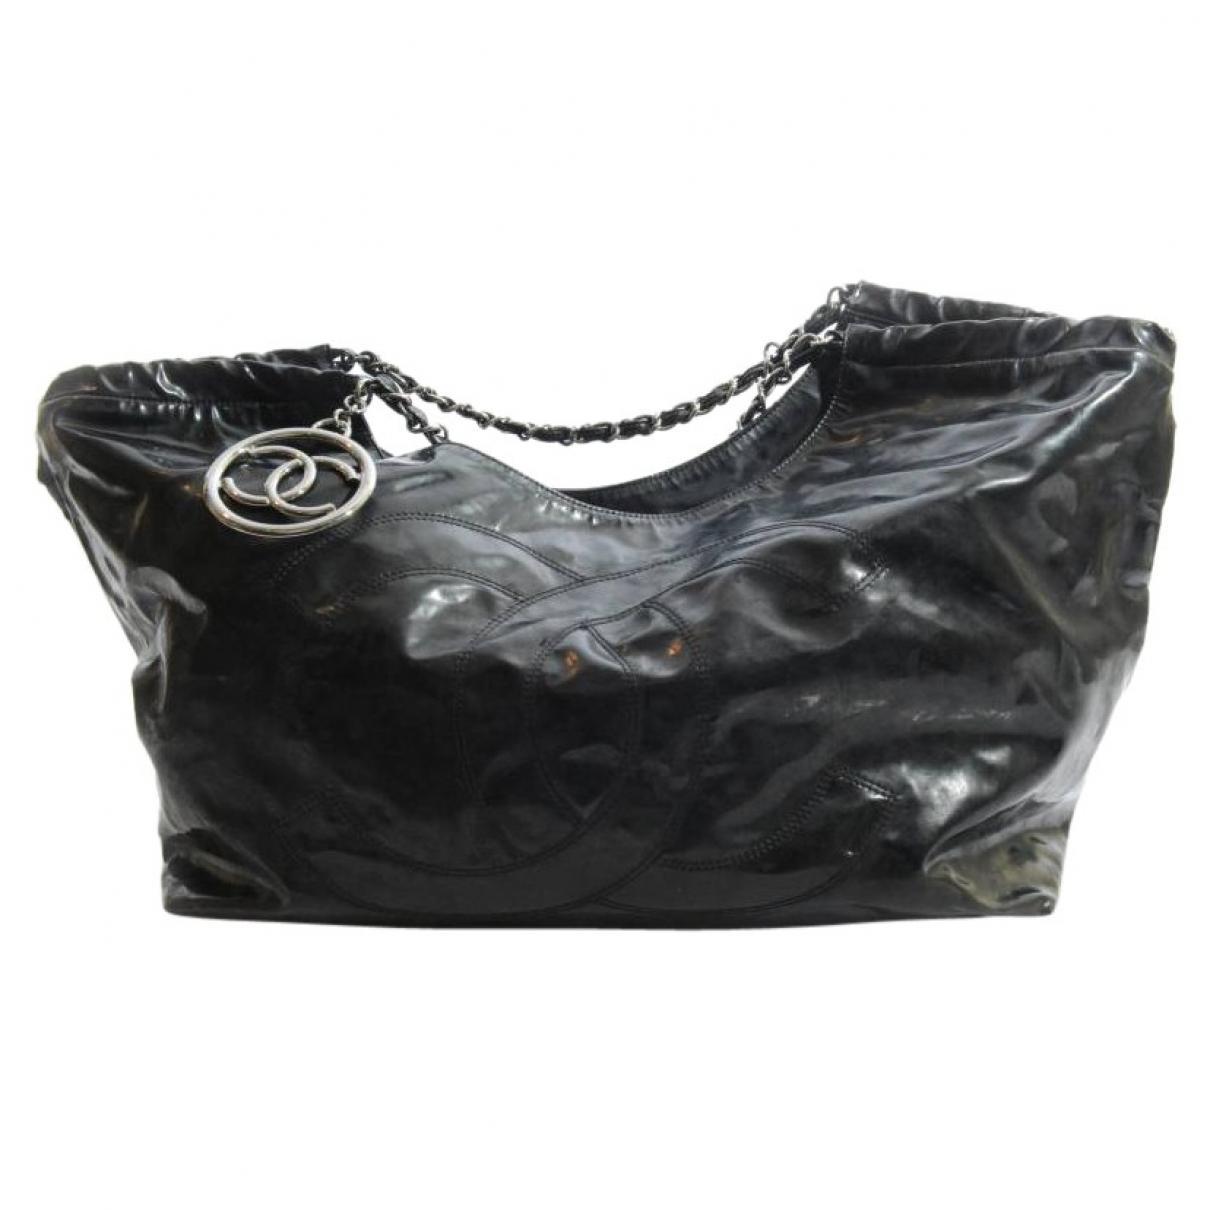 54822dd7d546 Chanel Coco Cocoon Tote 336541 Coco Chanel Handbag Black: Chanel Coco Cabas  Black Plastic Handbag In Black